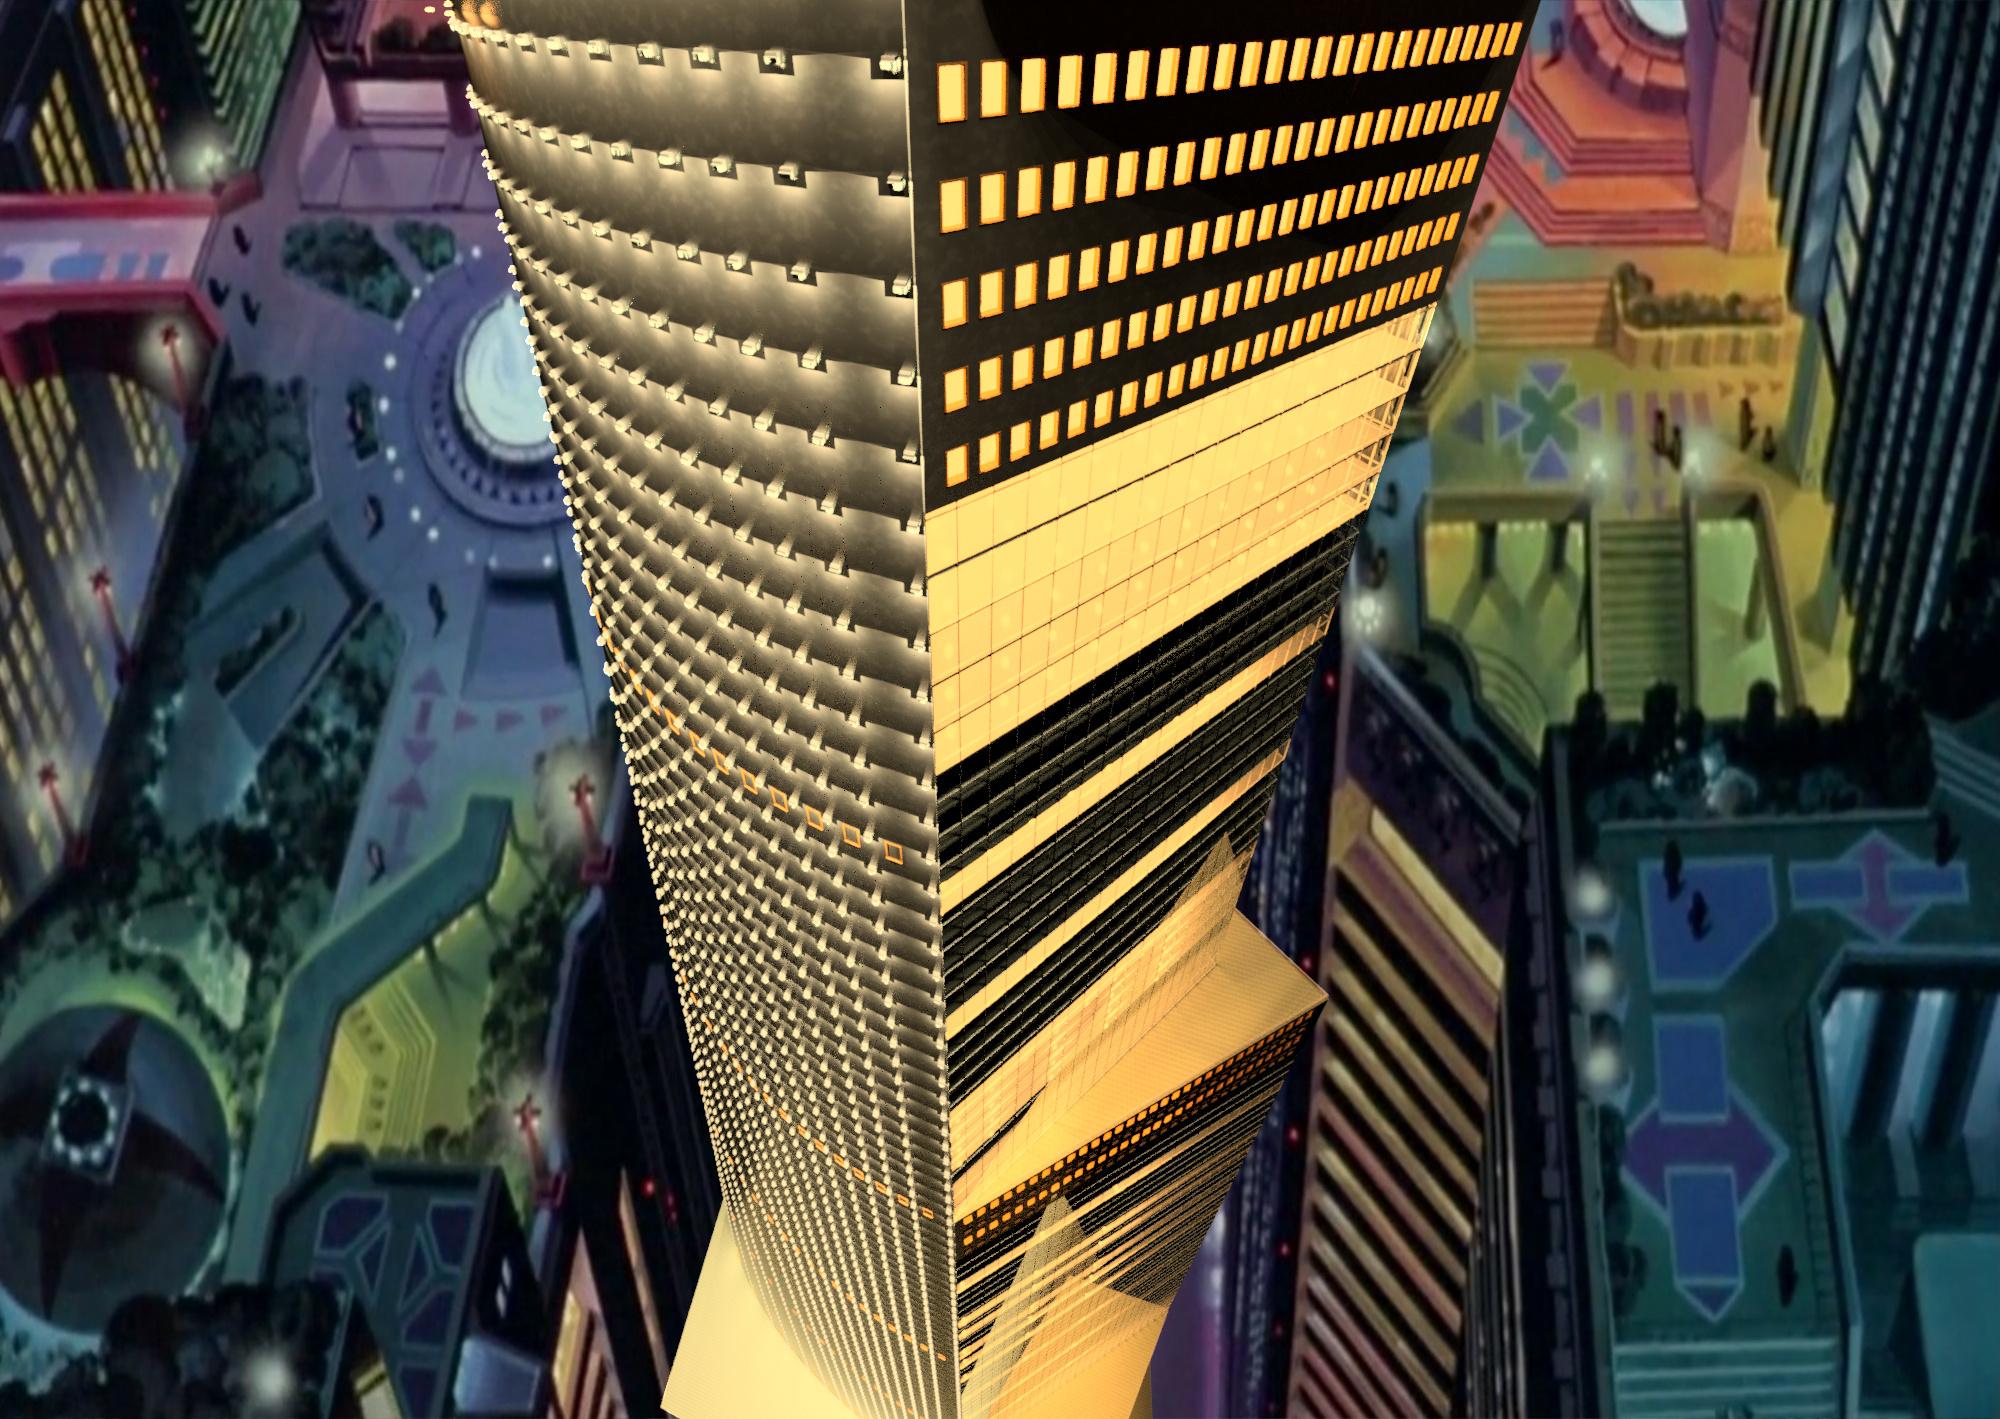 Raas-rendering20150320-861-18l1ktf